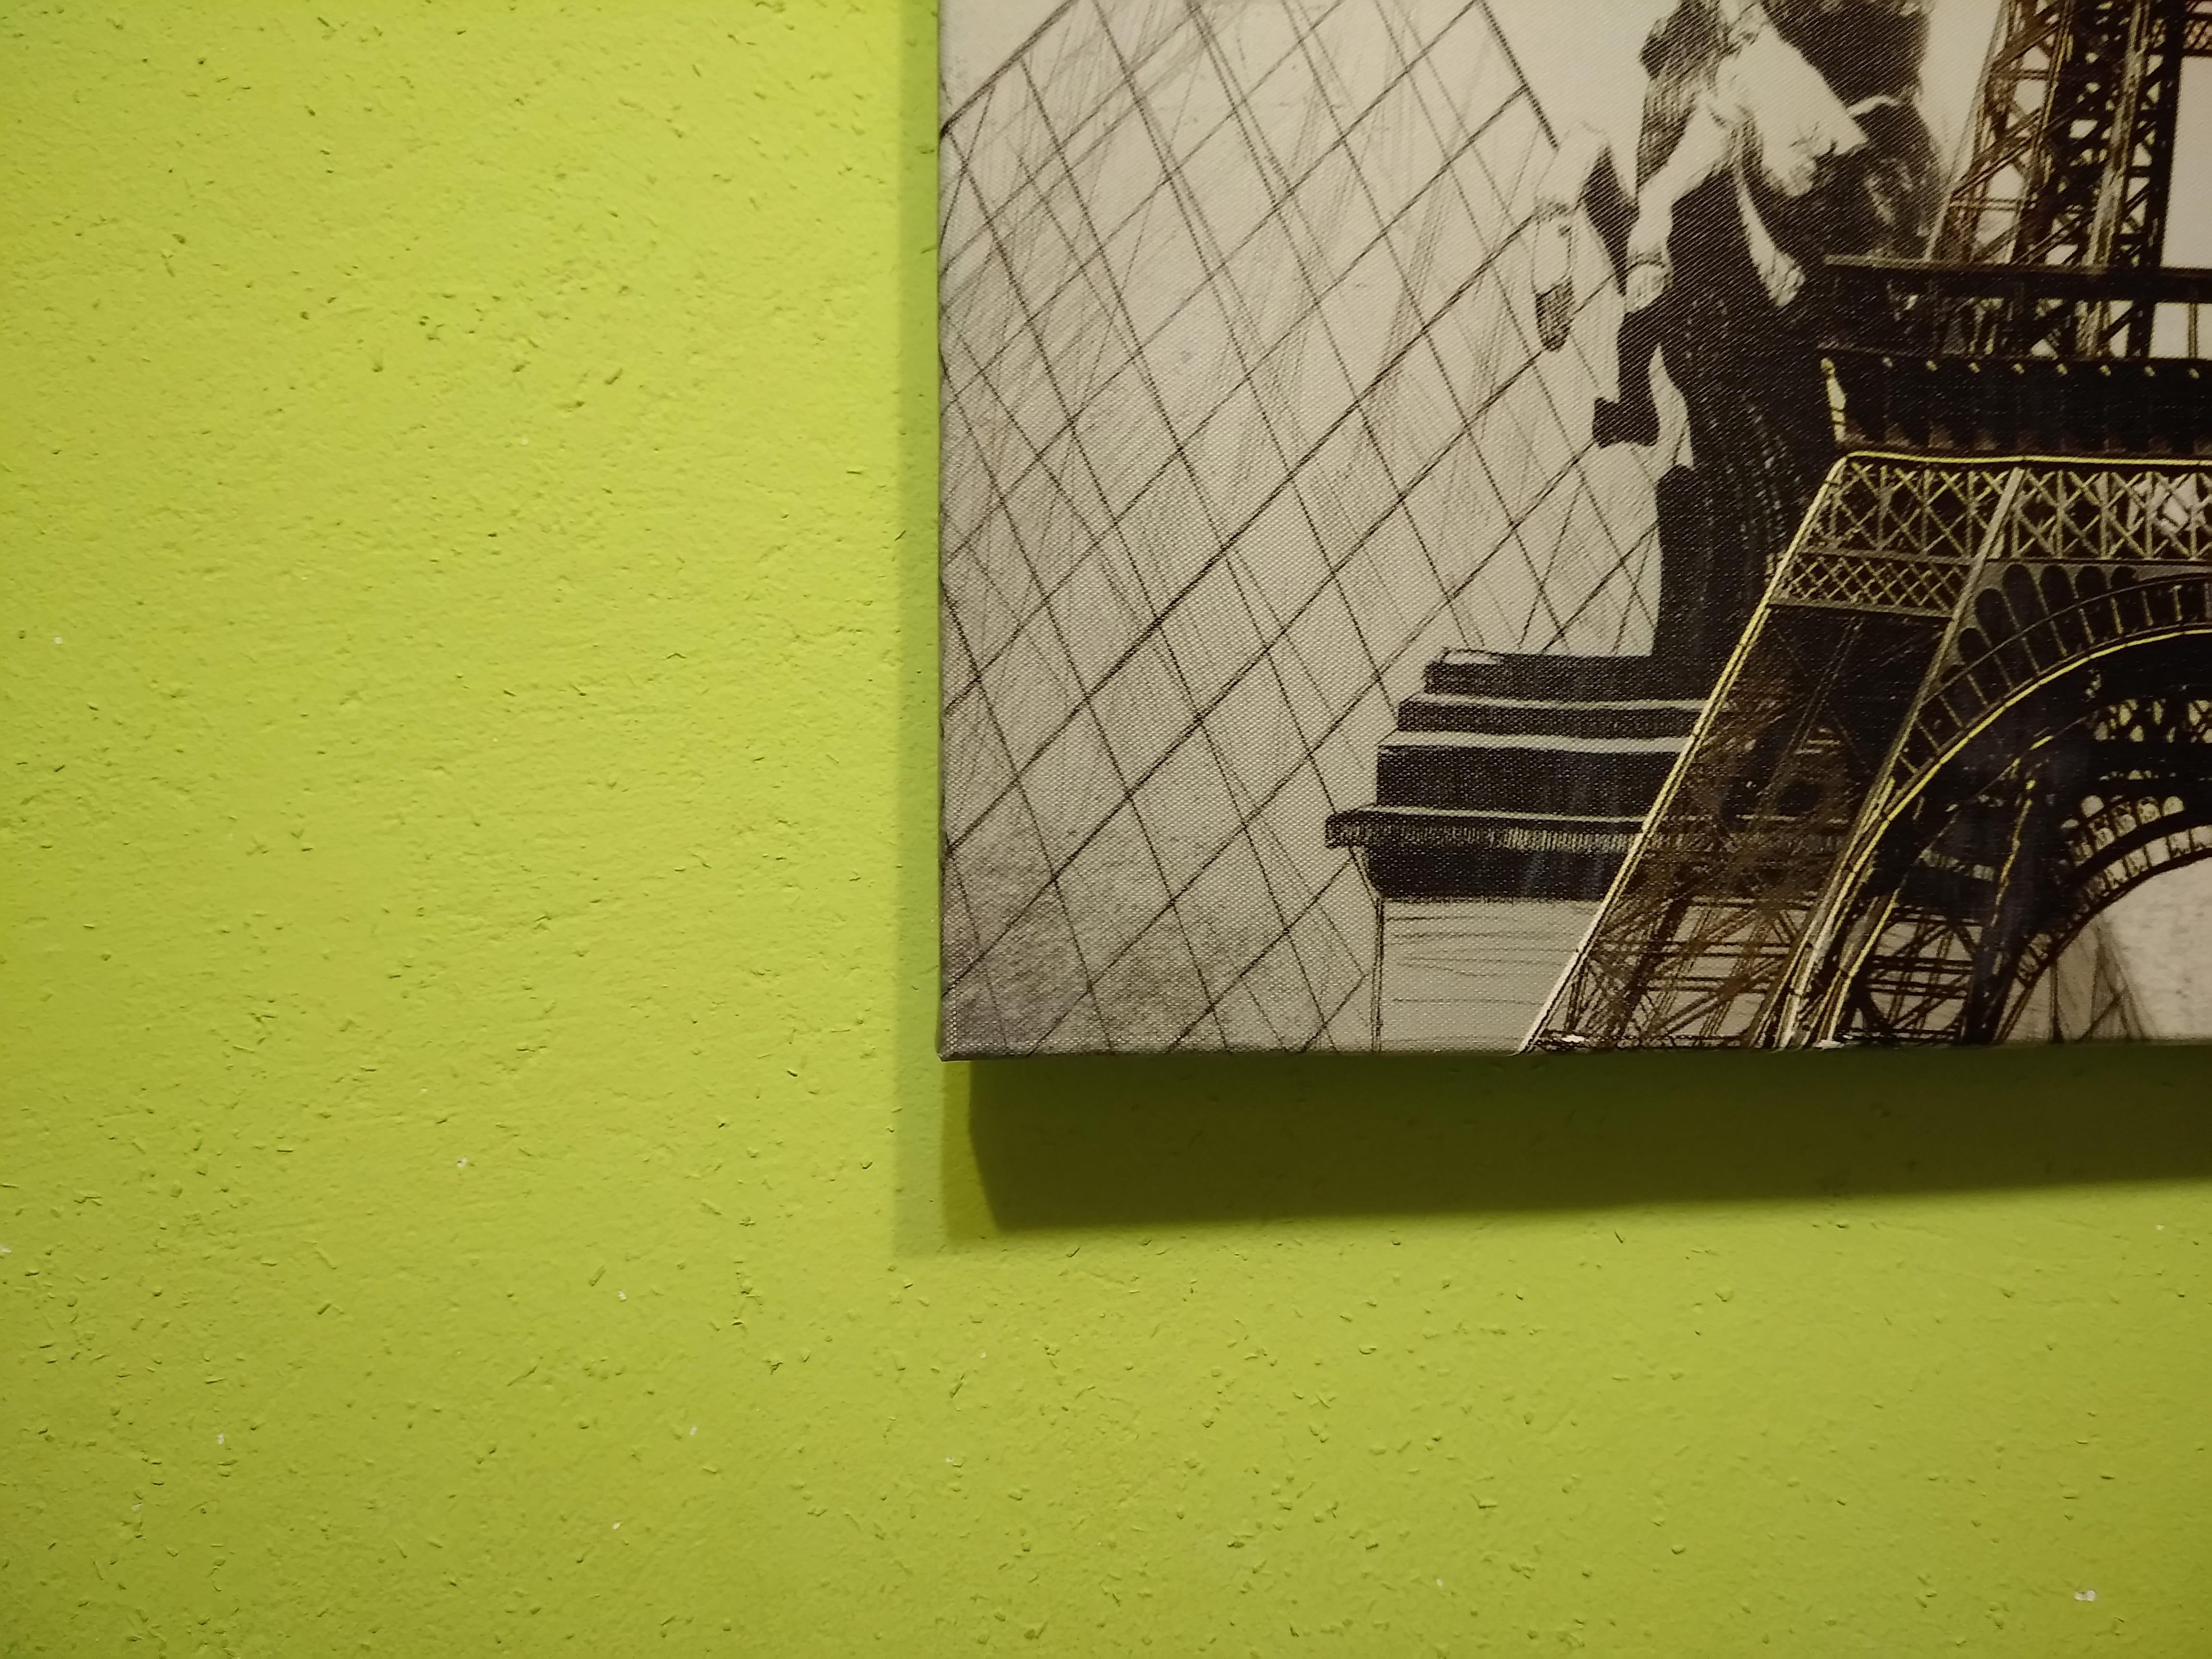 Zdjęcia w pomieszczeniu - Wiko View 2 Pro